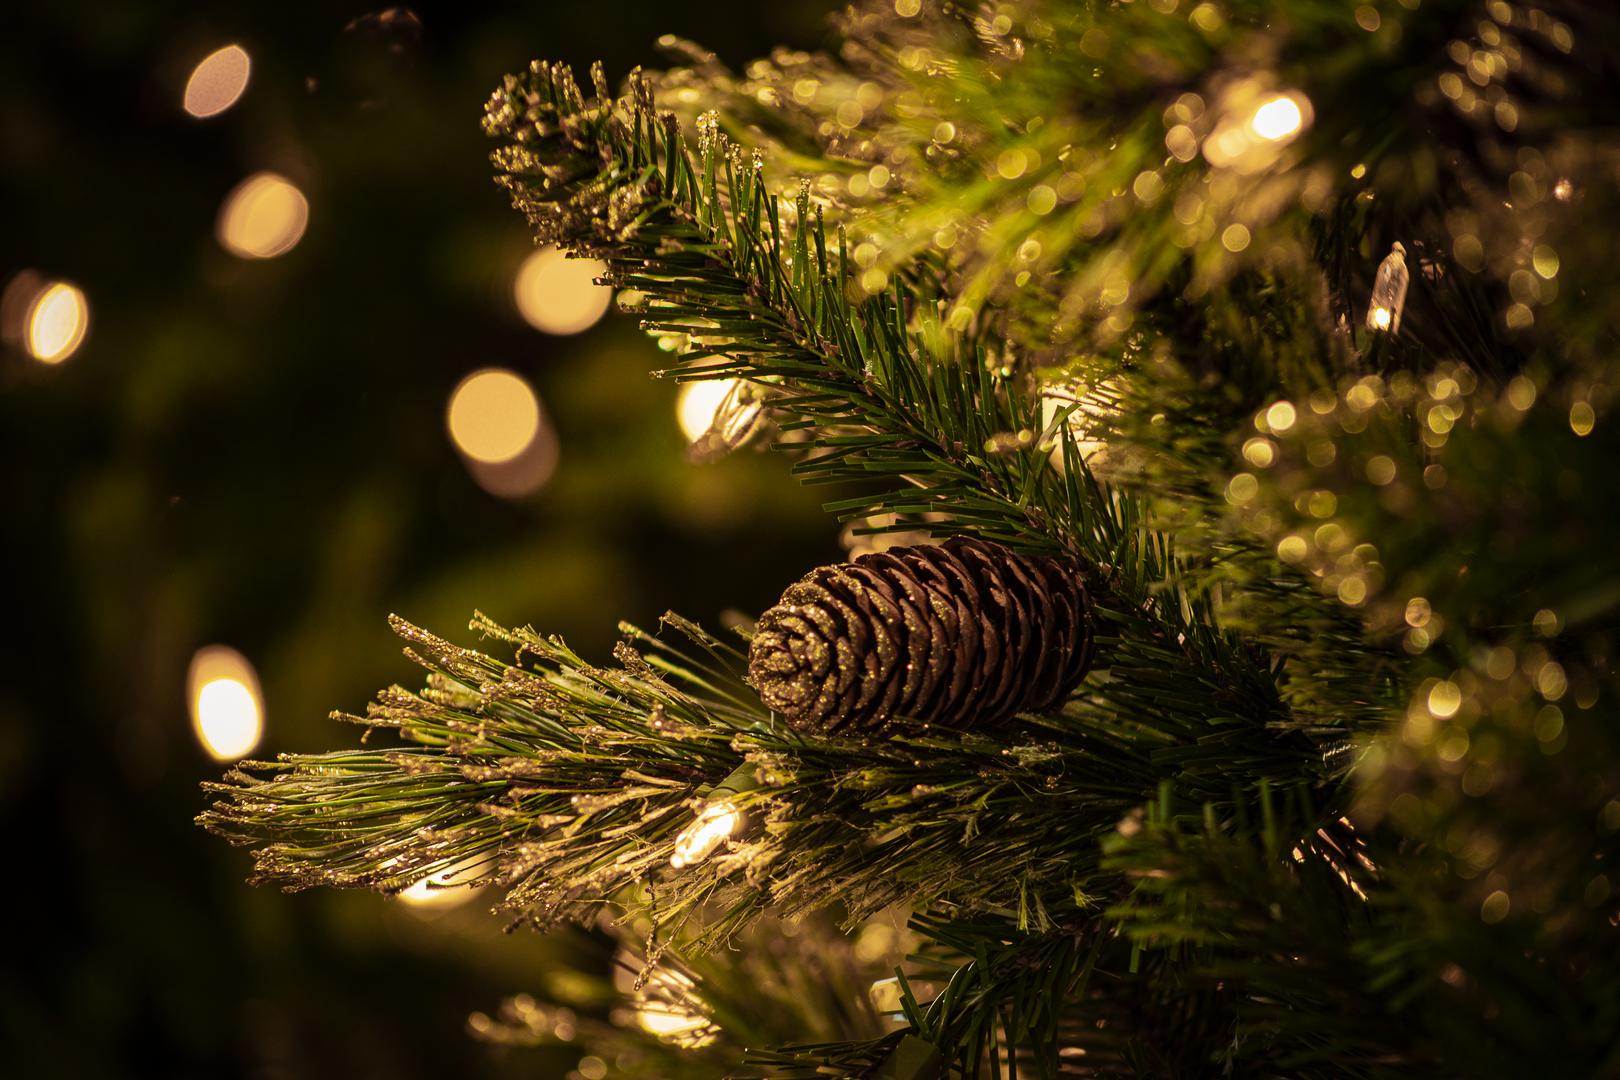 Shimmery Golden Bristle Pine 2.tif